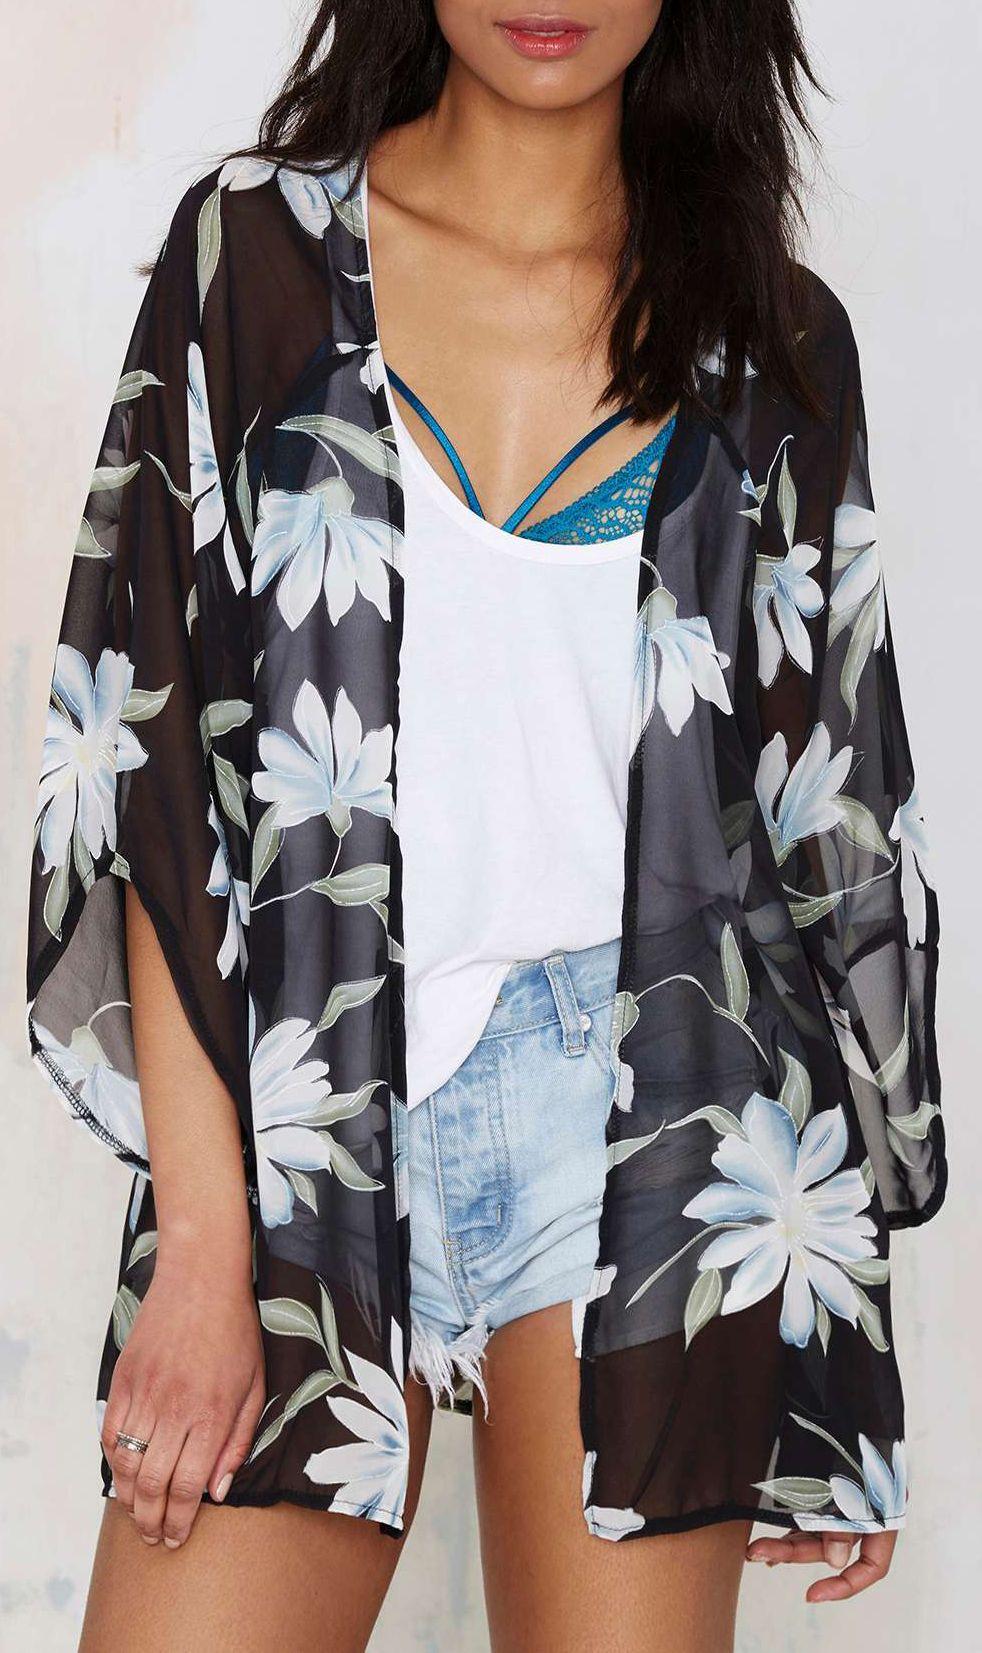 037fca6c1 Floral chiffon kimono | Style | Chiffon kimono, Fashion, Kimono fashion